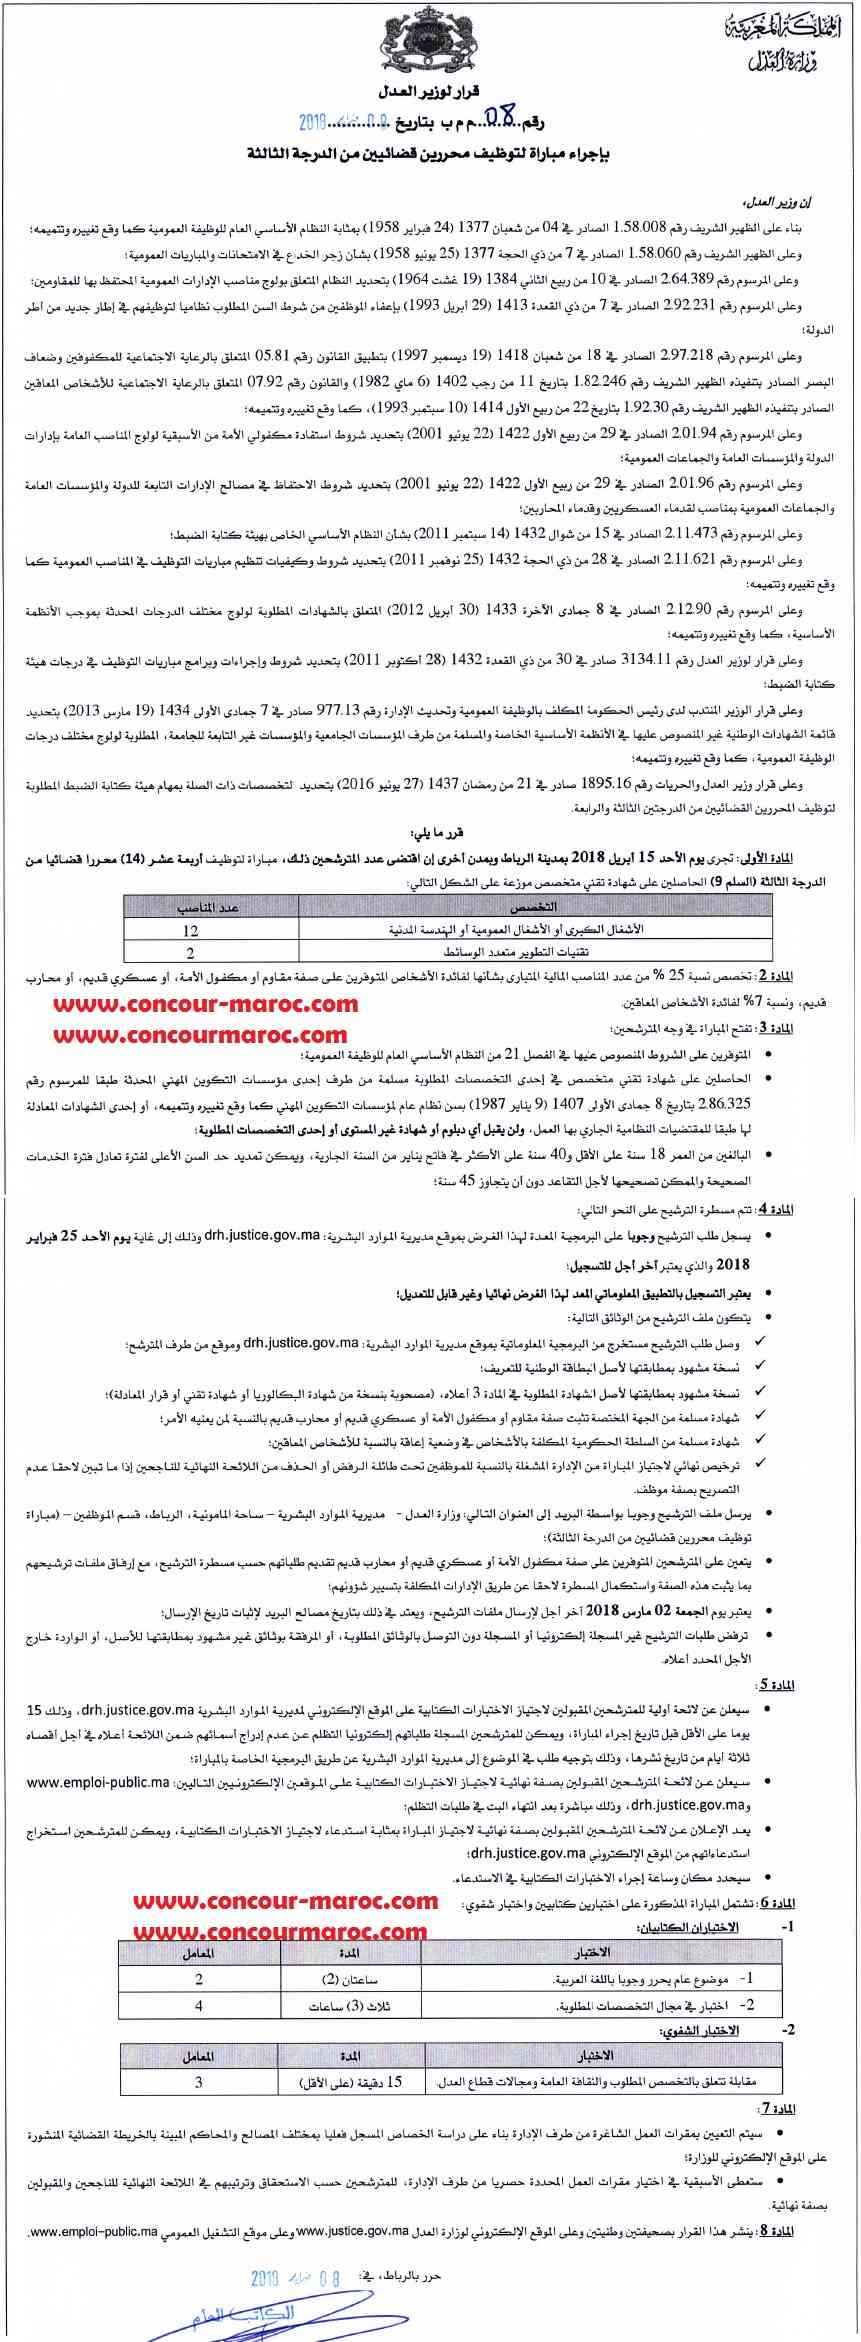 وزارة العدل : مباراة لتوظيف محرر قضائي من الدرجة الثالثة سلم 9 (14 منصب) آخر أجل للتسجيل الإلكتروني 25 فبراير 2018  Minist18